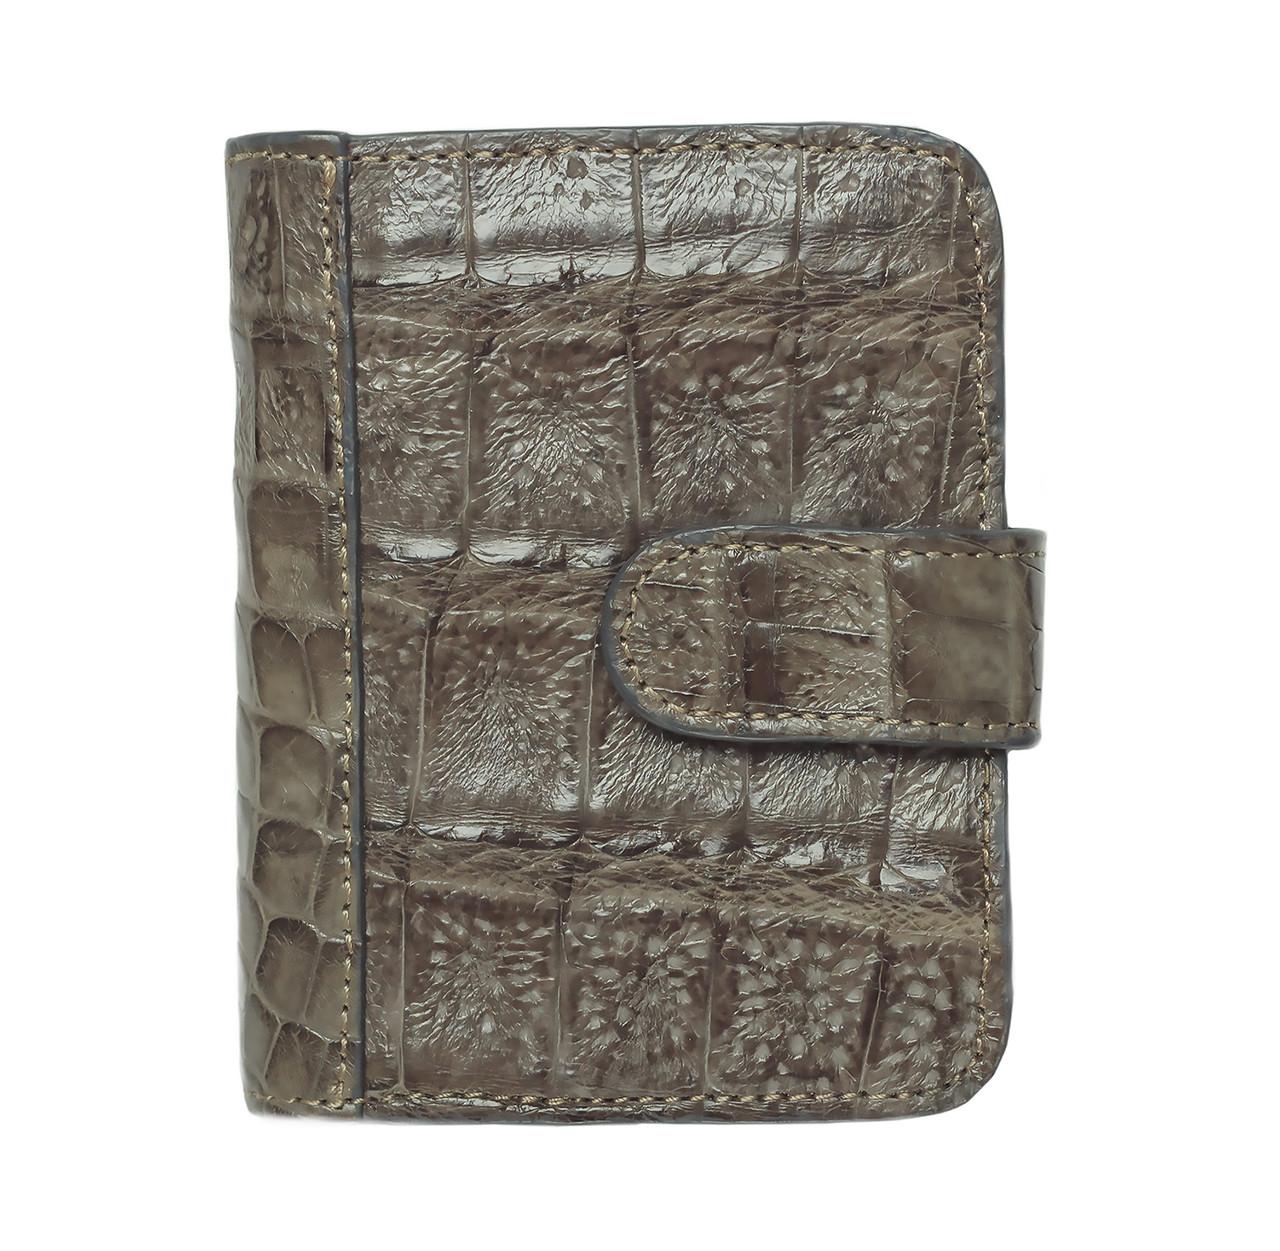 Визитница, держатель для карт из кожи крокодила Серый (crc02)